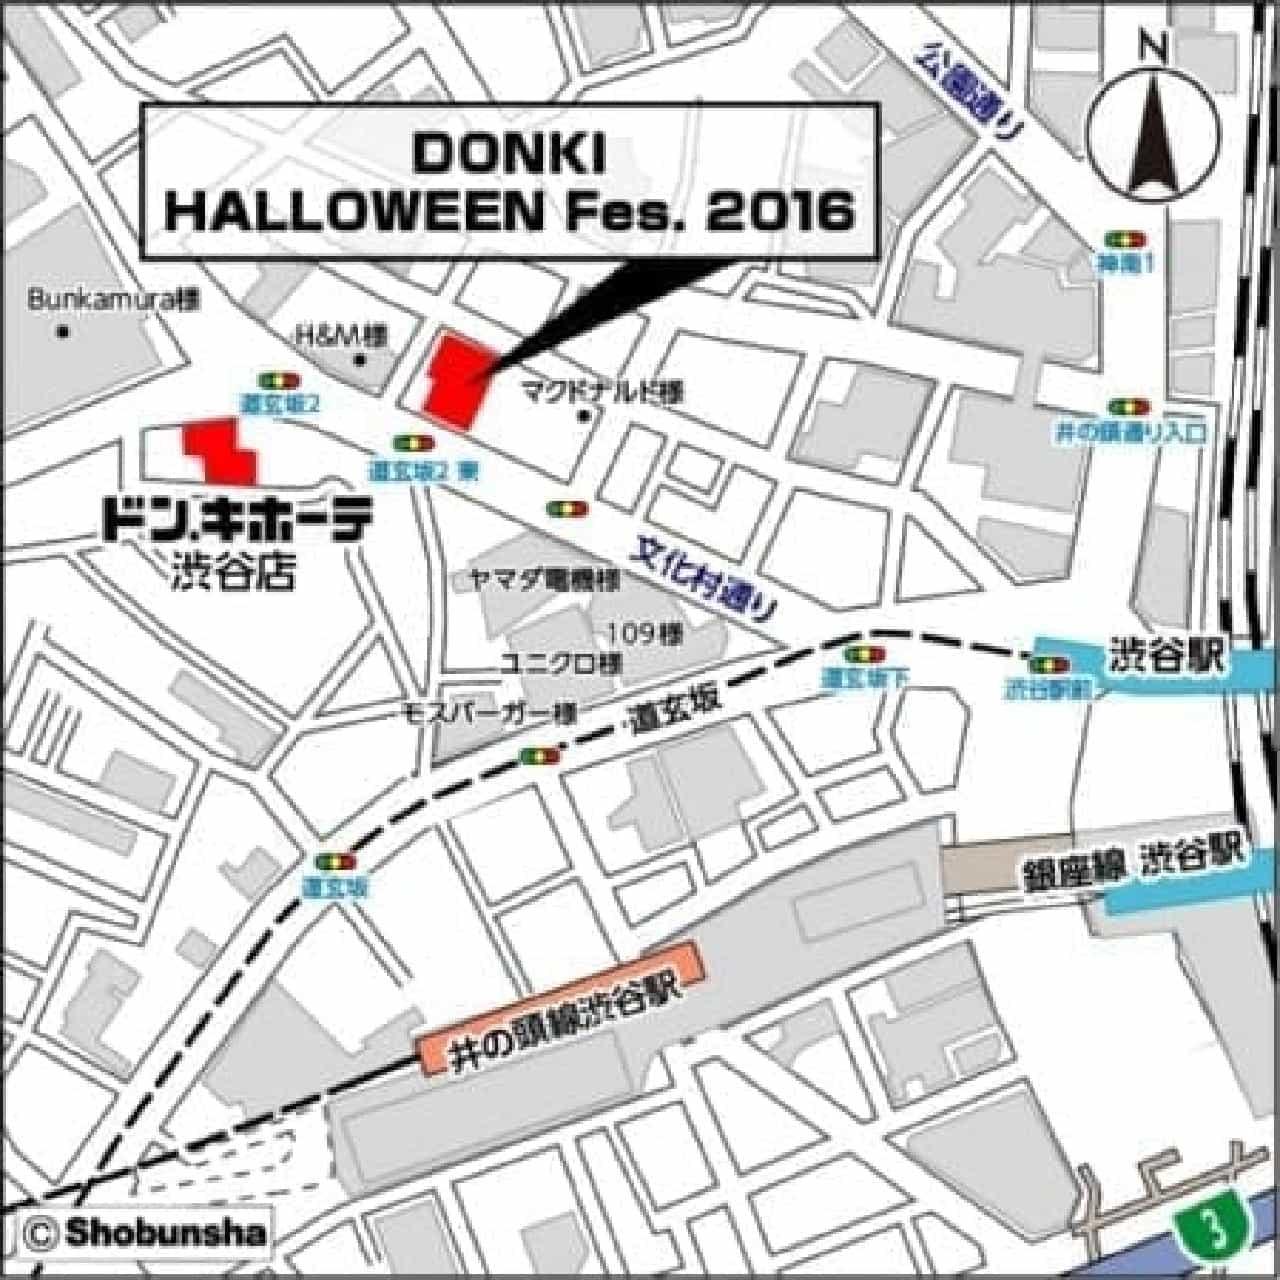 ドン・キホーテ「ドンキハロウィンフェス2016」